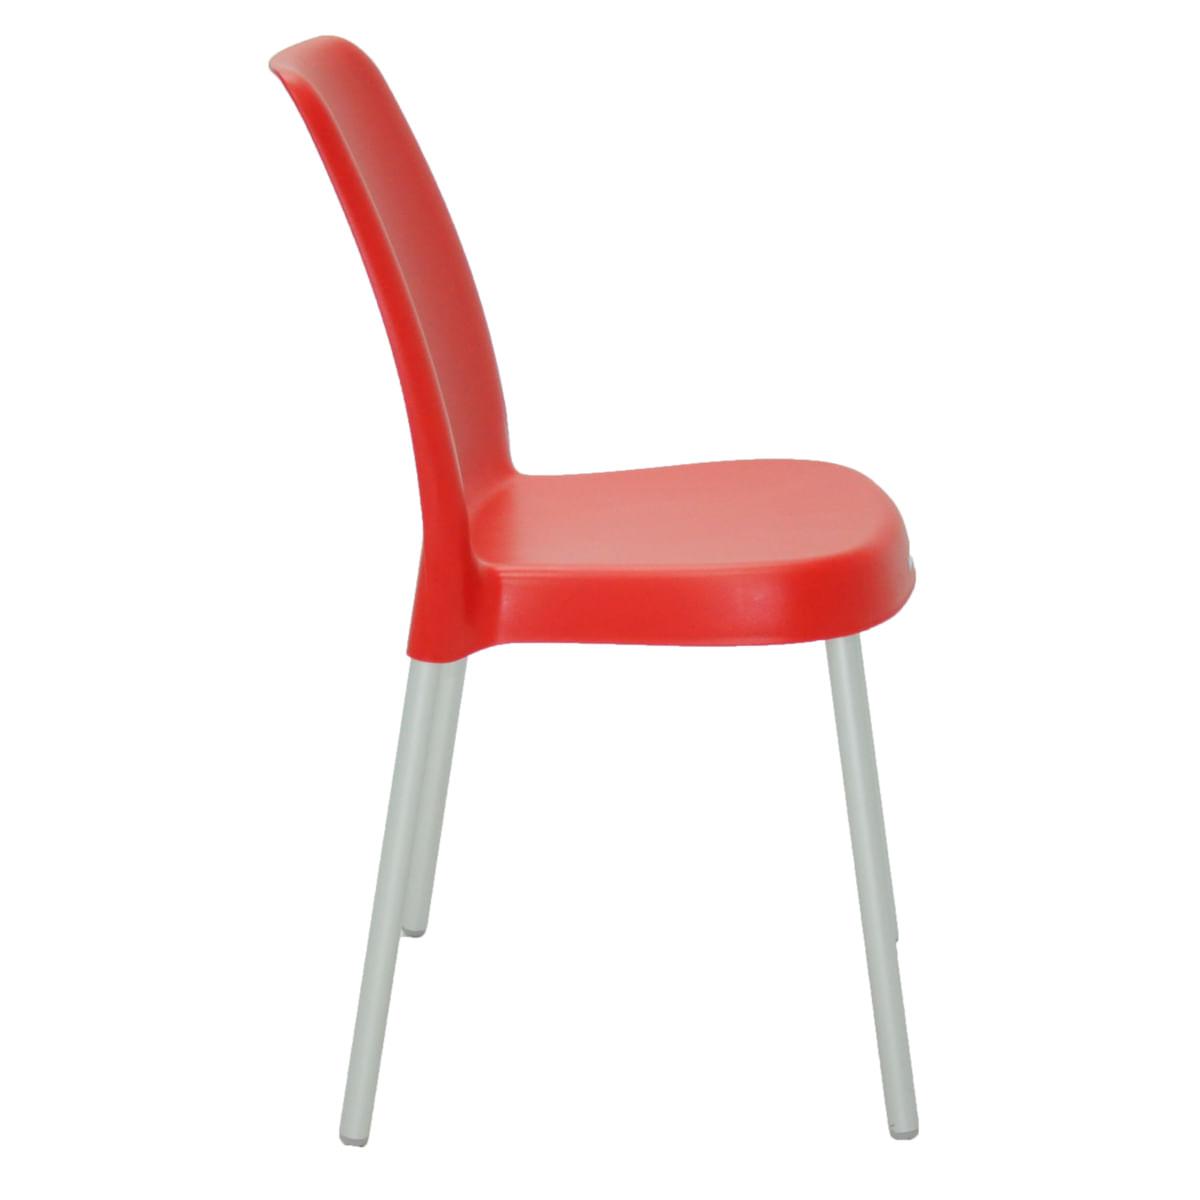 Cadeira Tramontina Vanda Vermelha em Polipropileno com Pernas em Alumínio